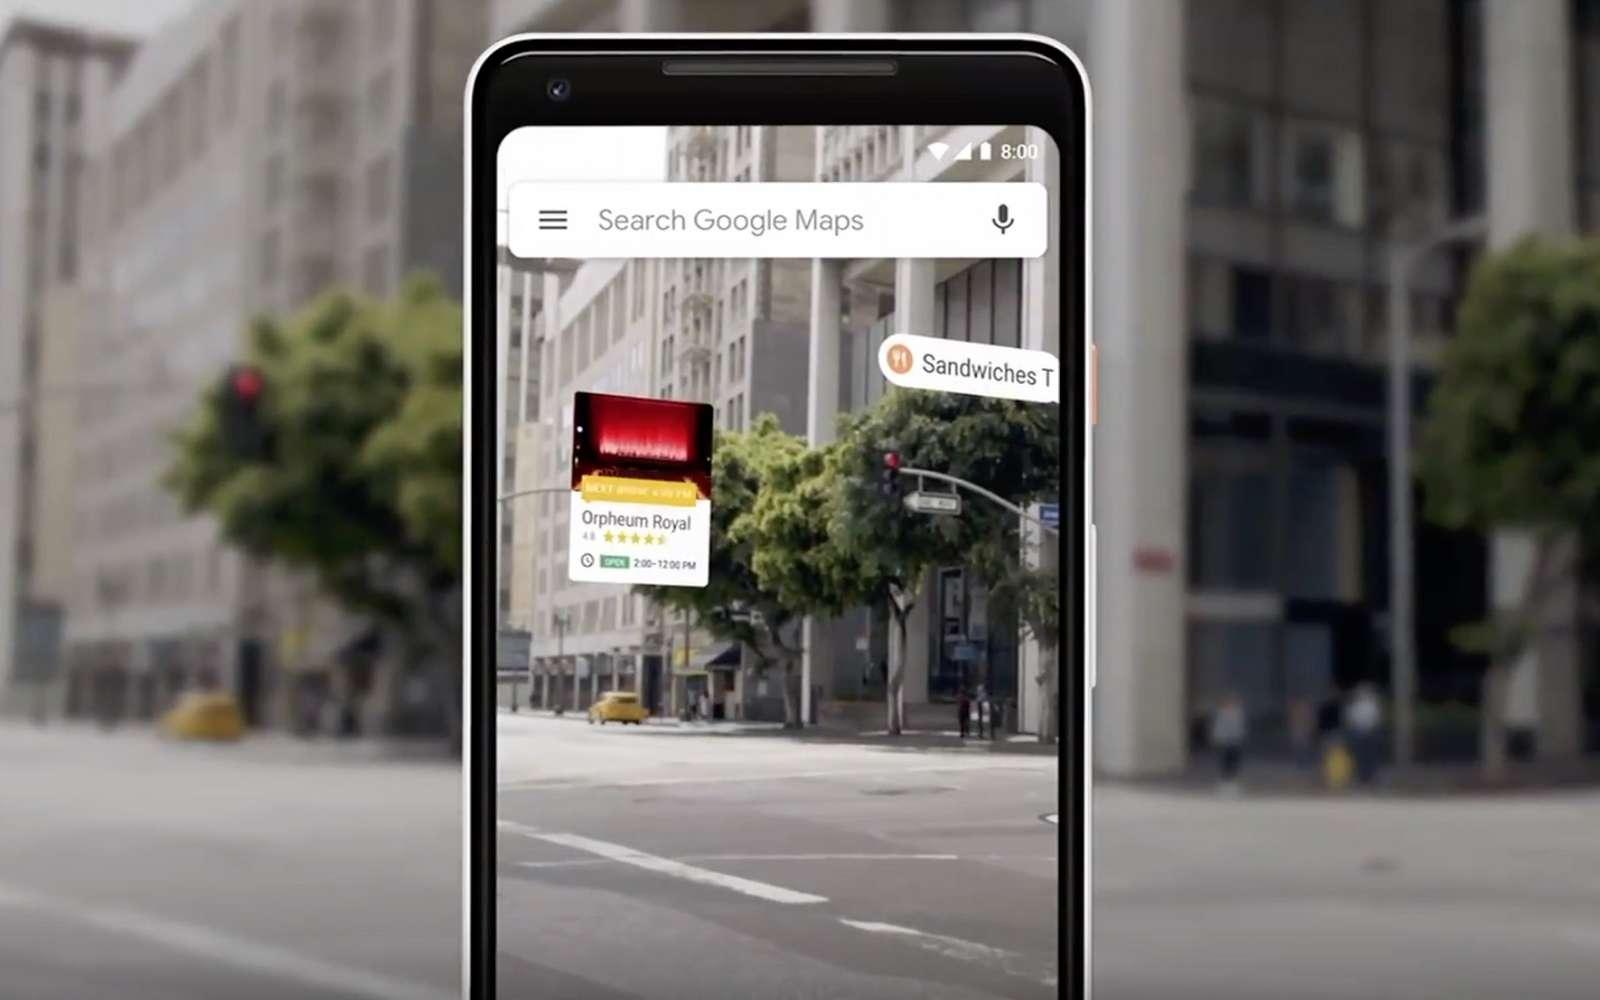 Avec la réalité augmentée, Google Maps affiche en temps réel les noms des immeubles, ou des boutiques, lorsque vous pointez le smartphone vers une rue. © Google